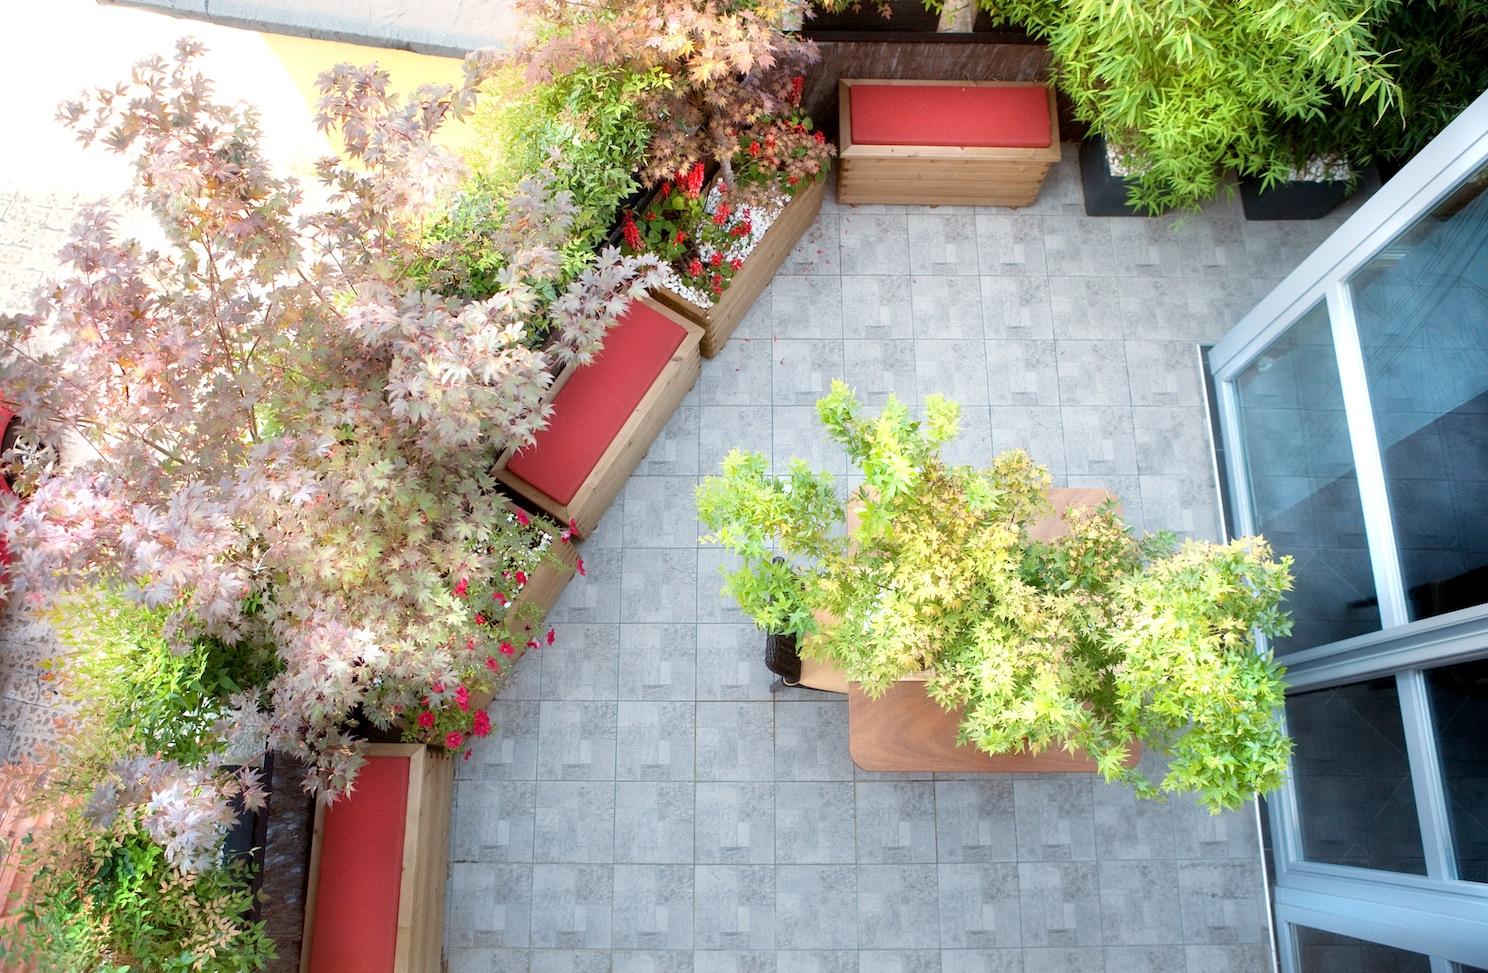 Il giappone in città: come realizzare un terrazzo zen - LivingCorriere